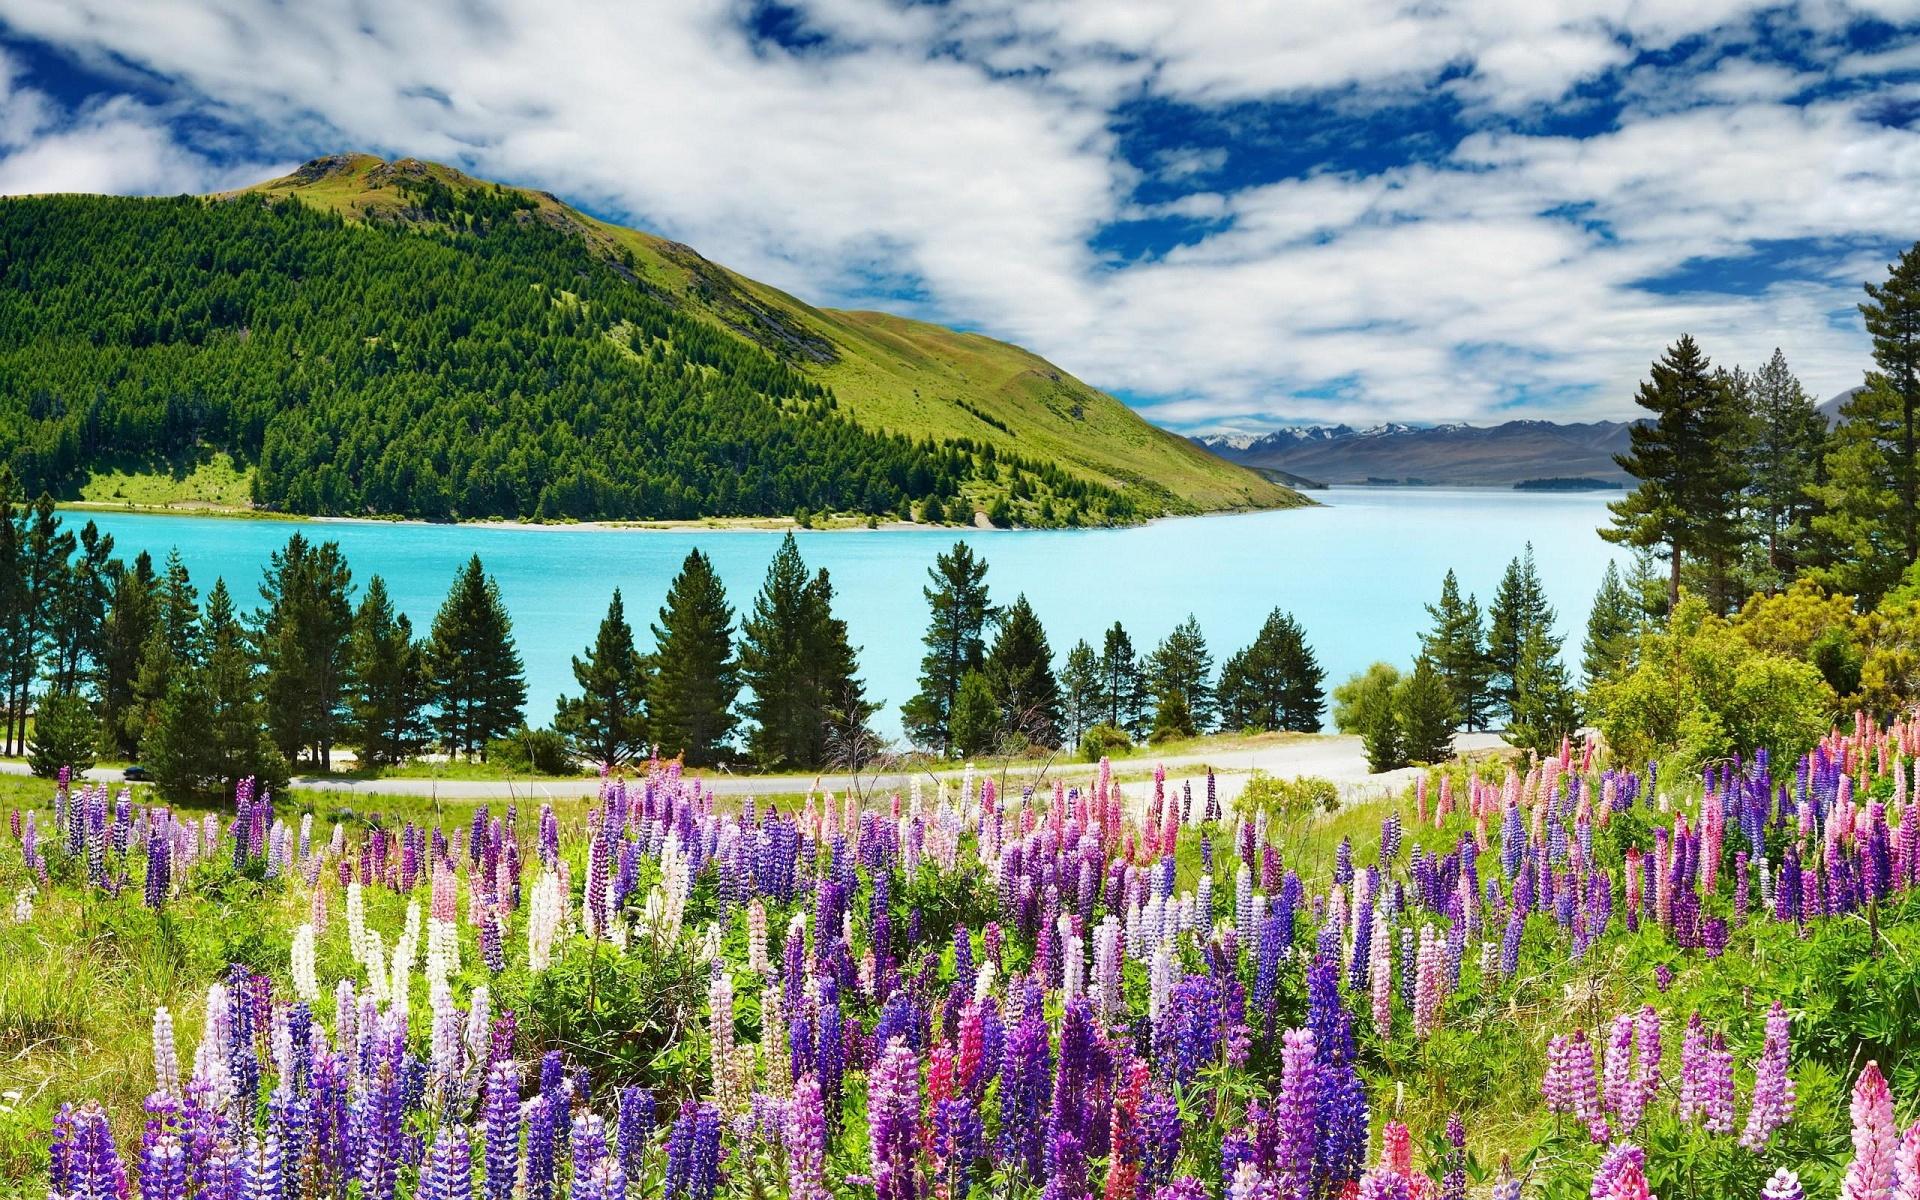 mrwallpaper.com/view/Stunning-Landscape-1920x1200